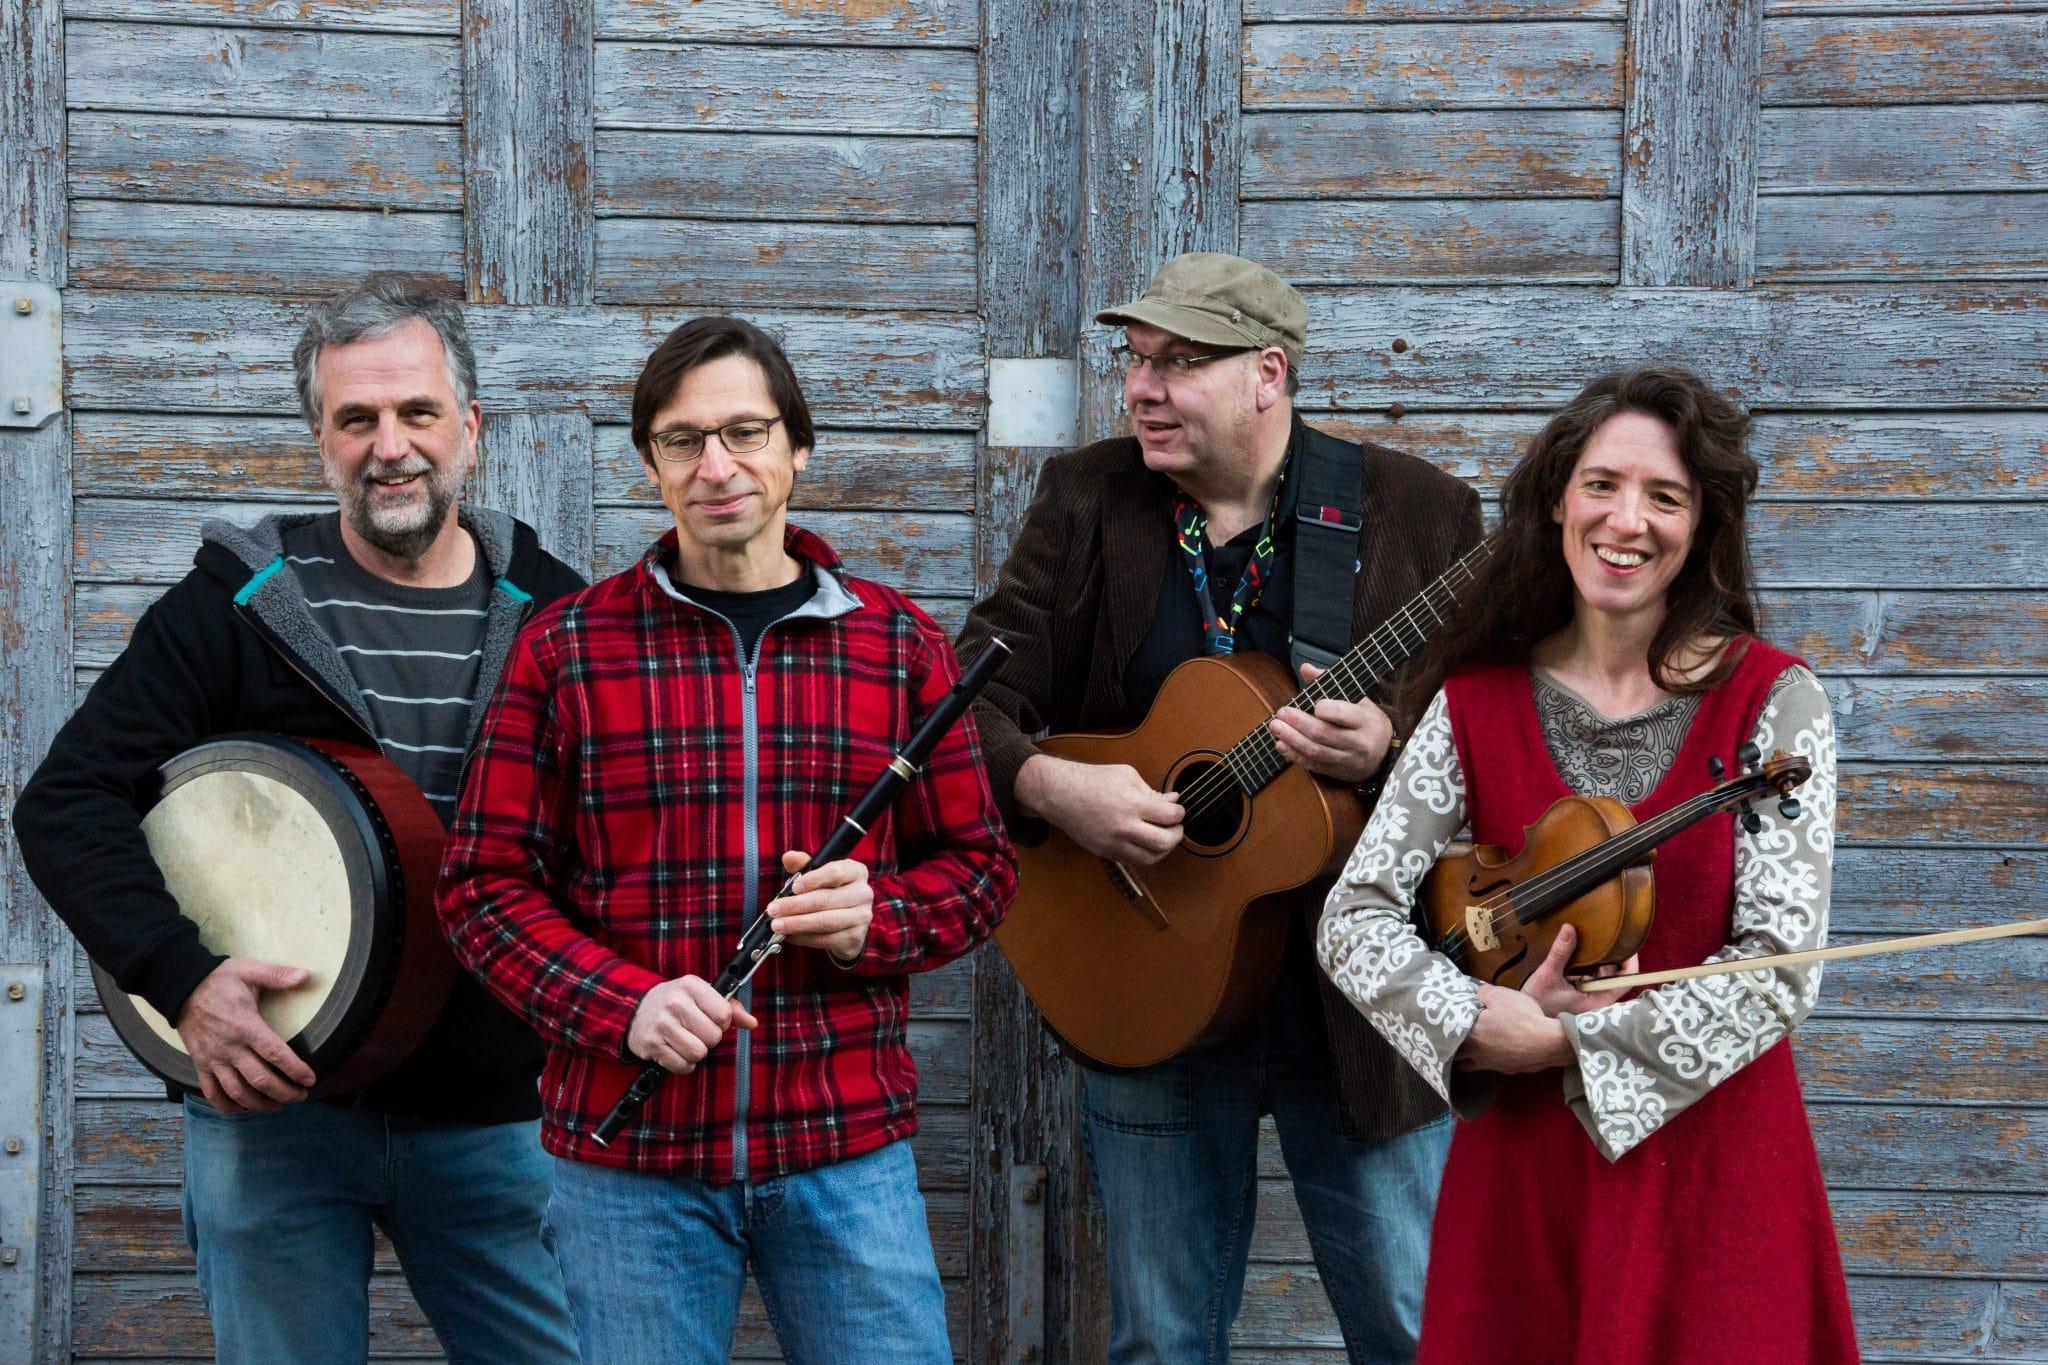 Die vier Personen Band Colludie Stone stehen mit Ihren Musikinstrumenten vor einer Holzwand